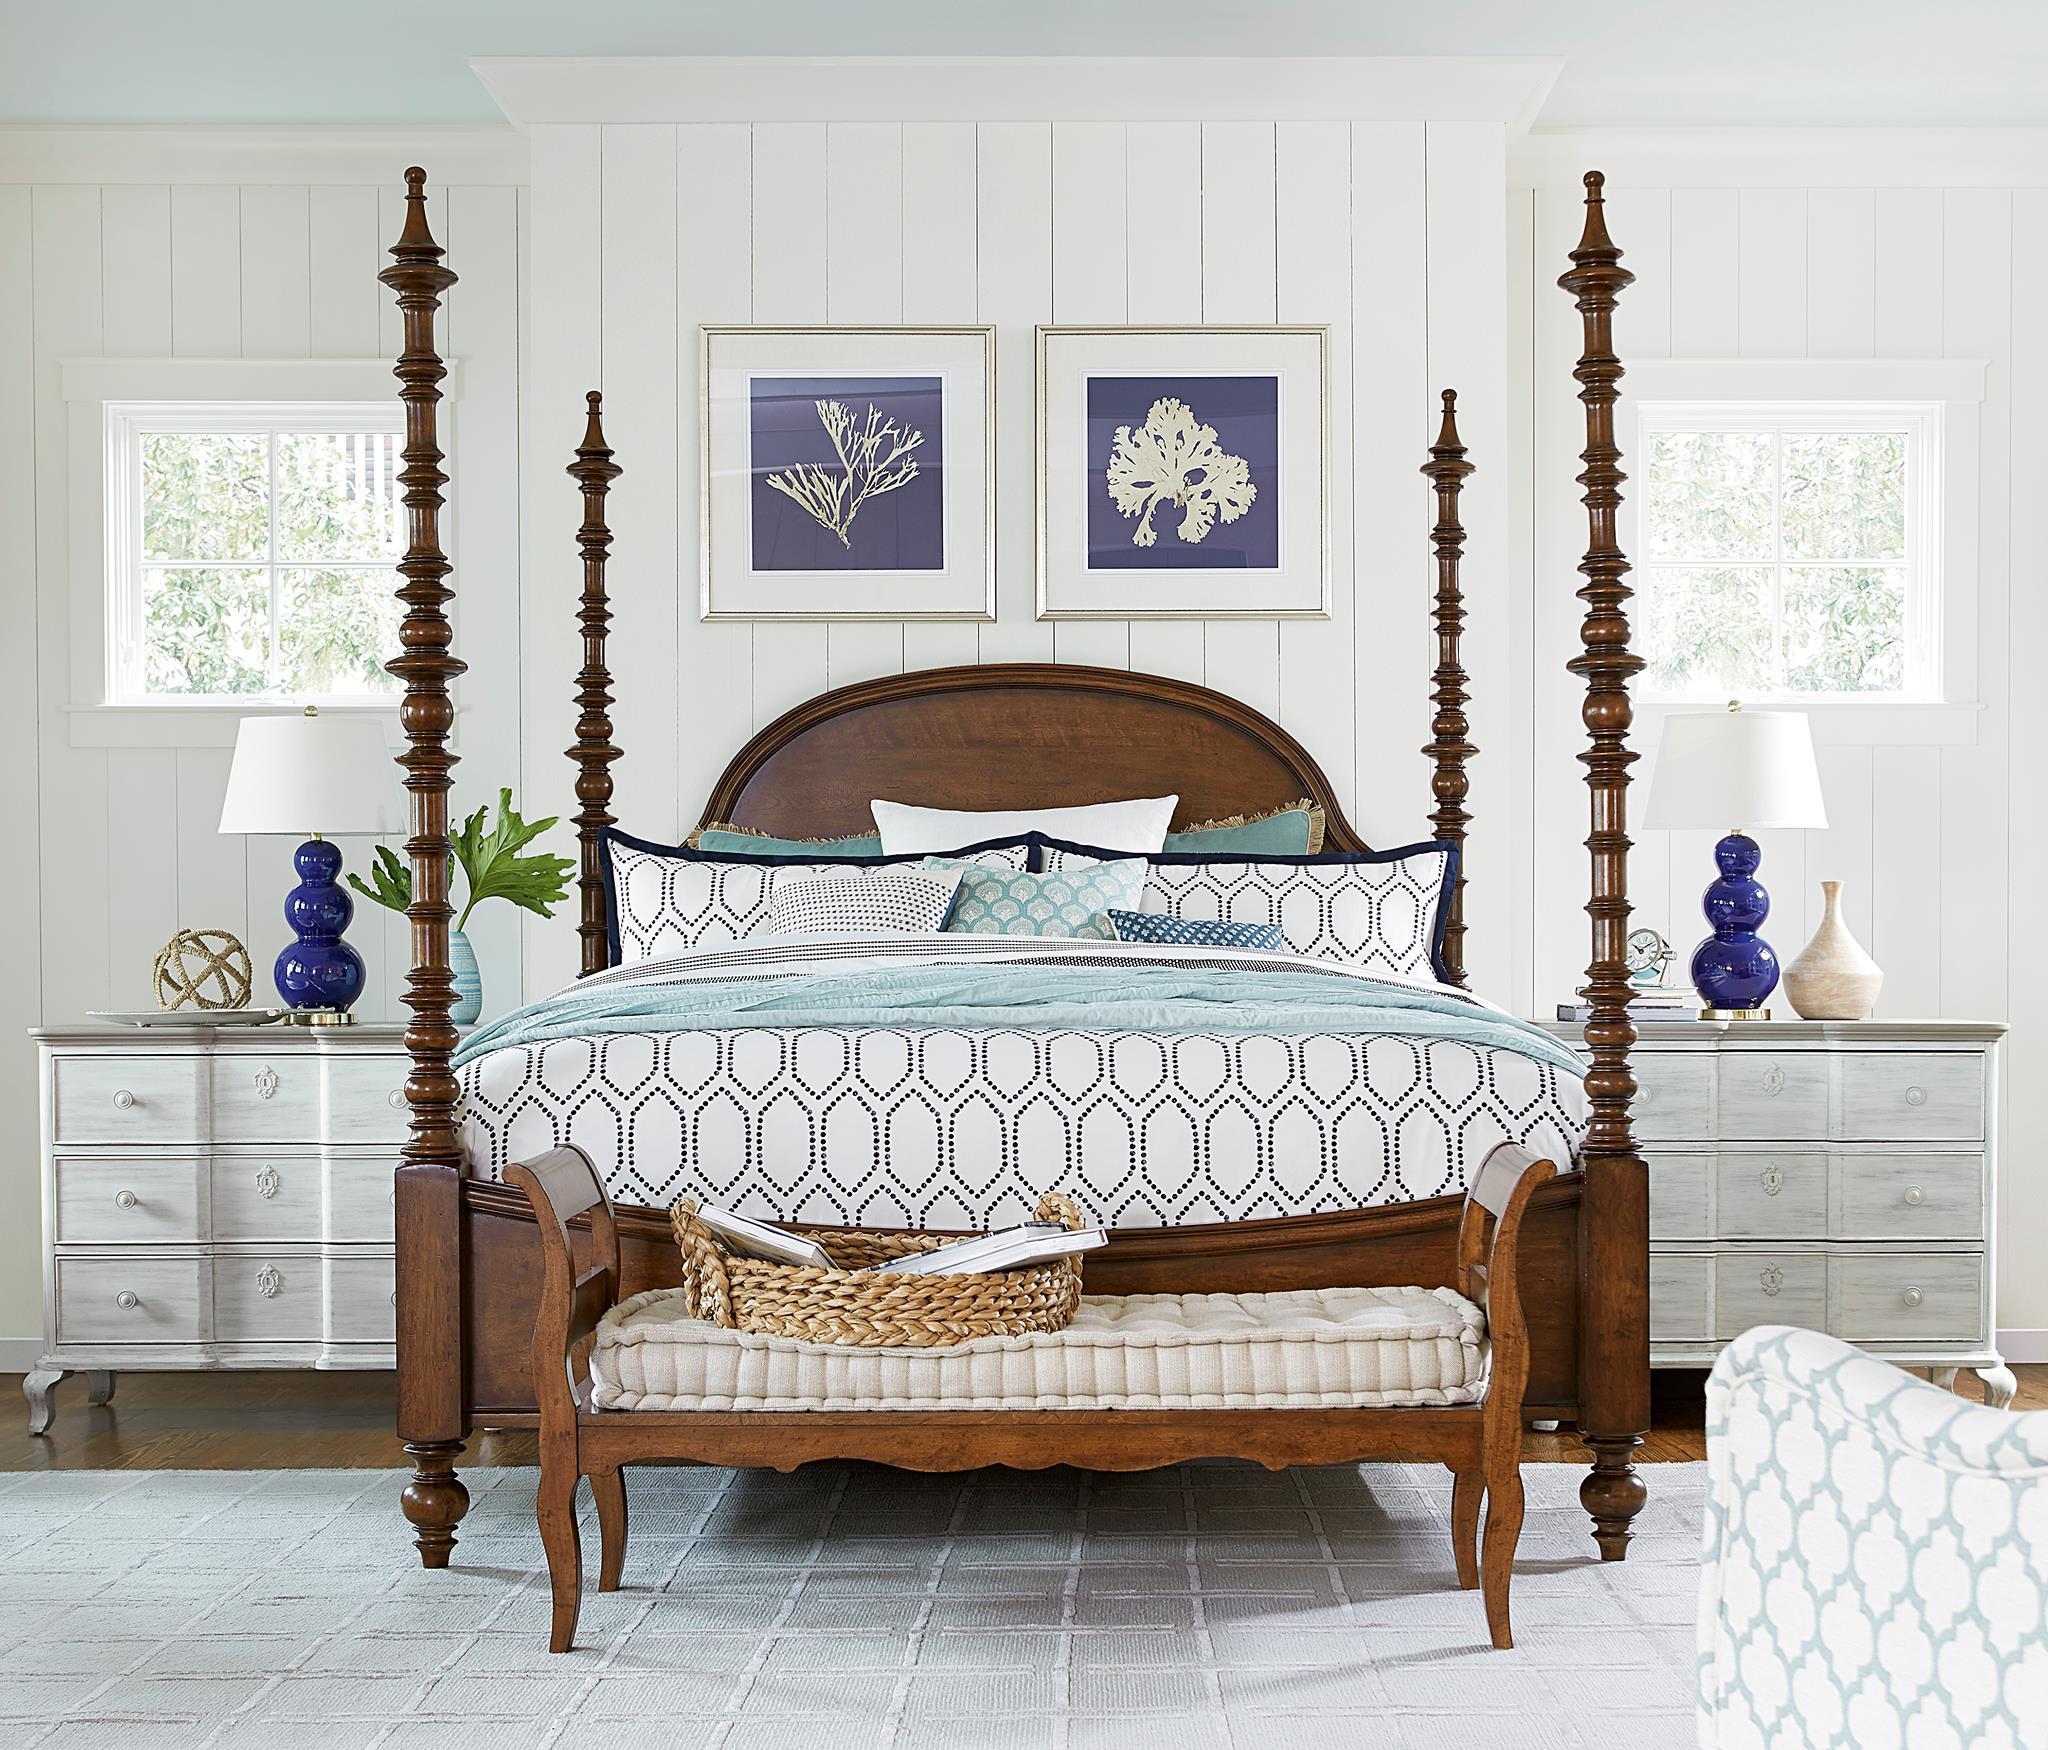 Turneru0027S Furniture U2013 Natural Vita Talalay Latex Mattress Store In Tallahassee  Florida